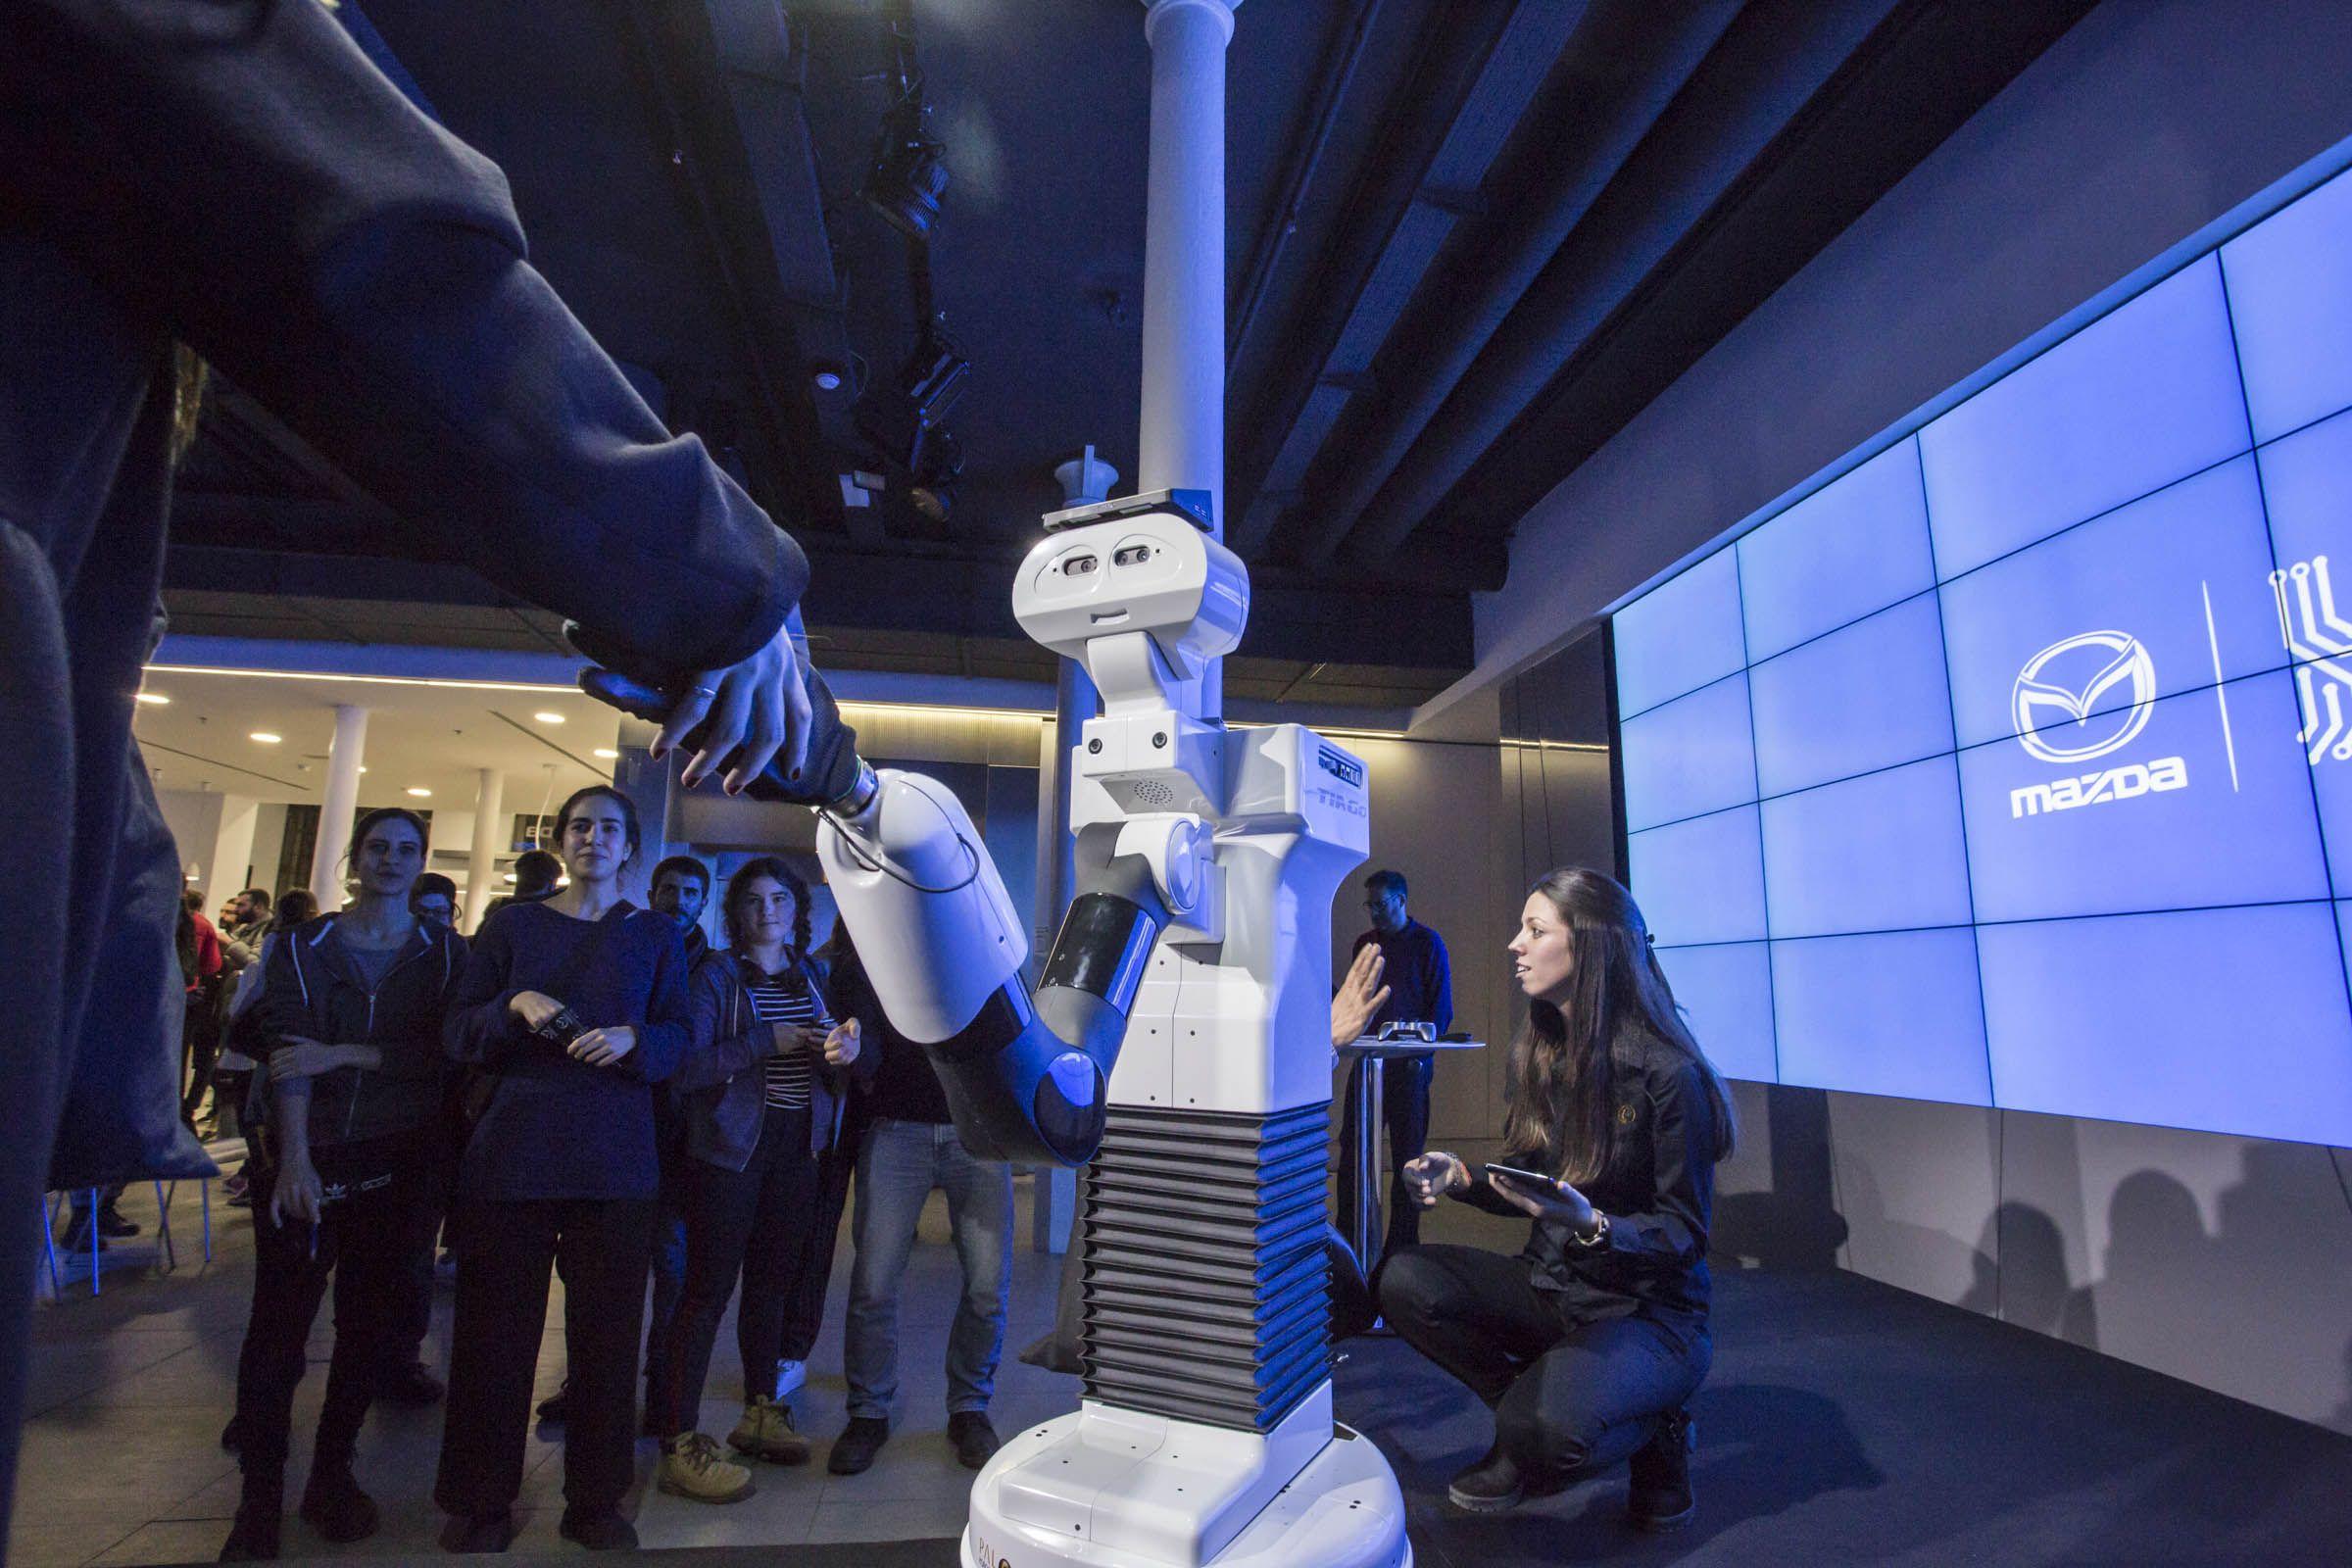 PAL ROBOTICS PRESENTA EN MAZDA SPACE A TIAGO, EL ROBOT COLABORATIVO QUE TENDREMOS EN CASA